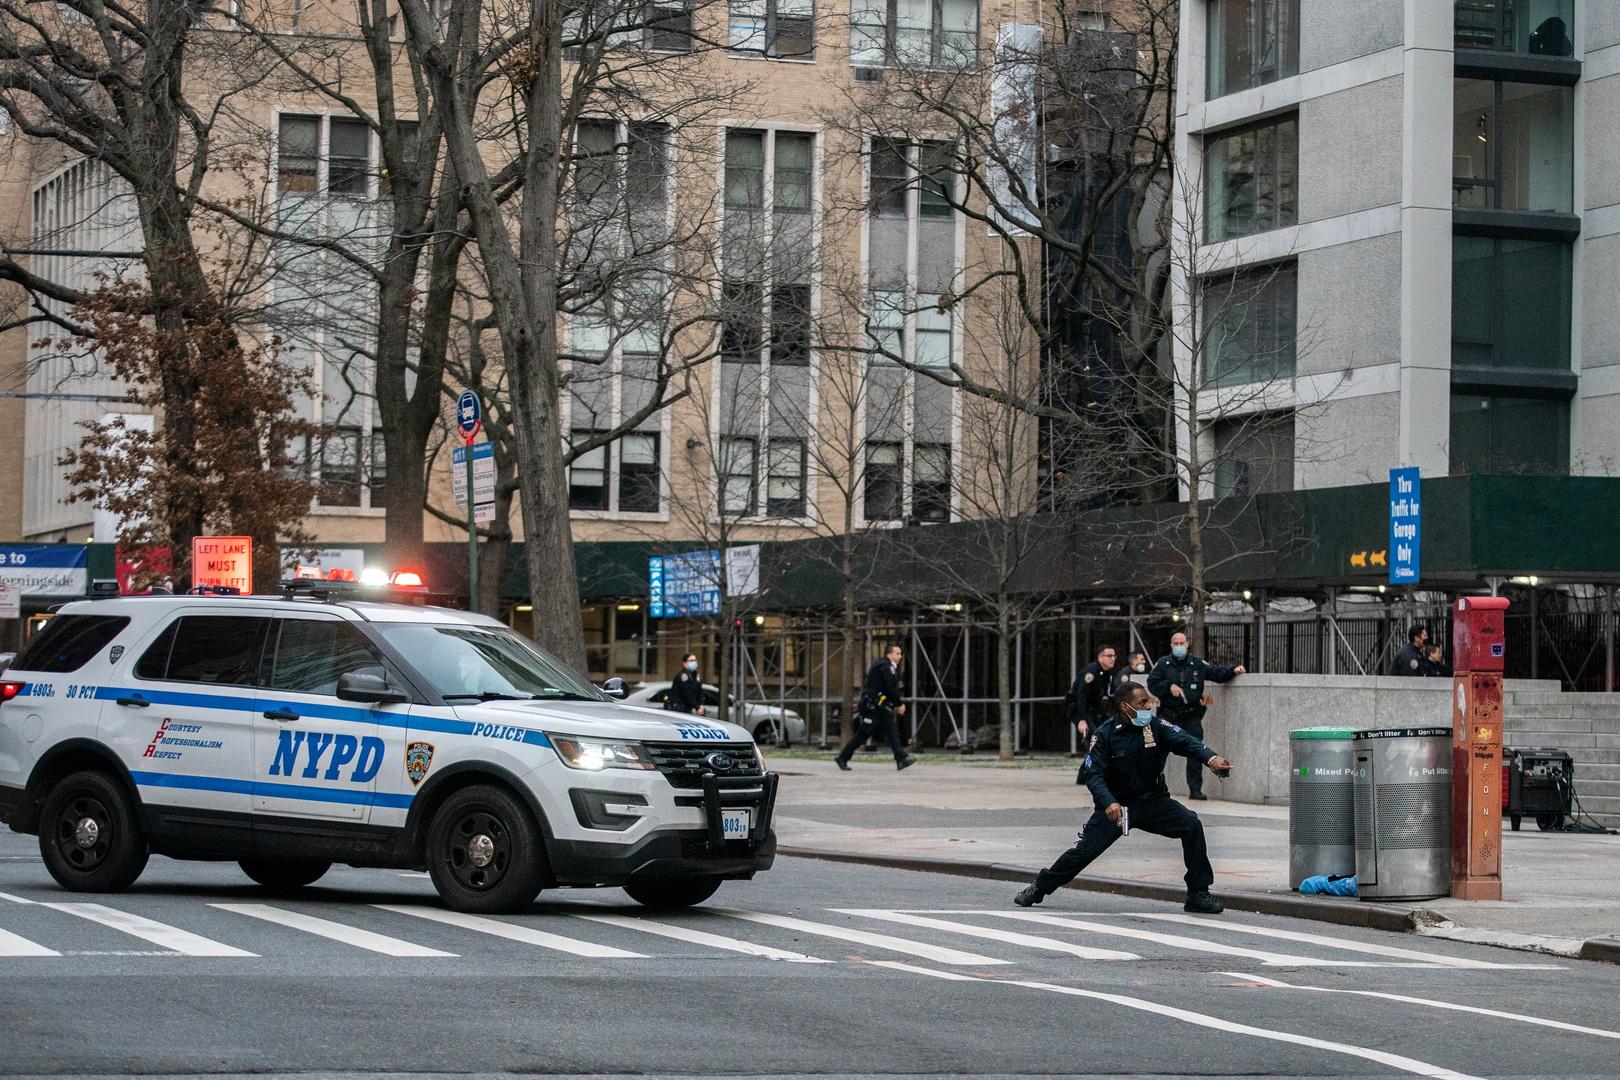 إخلاء مركز للتسوق في نيويورك إثر الاشتباه بسيارة مفخخة